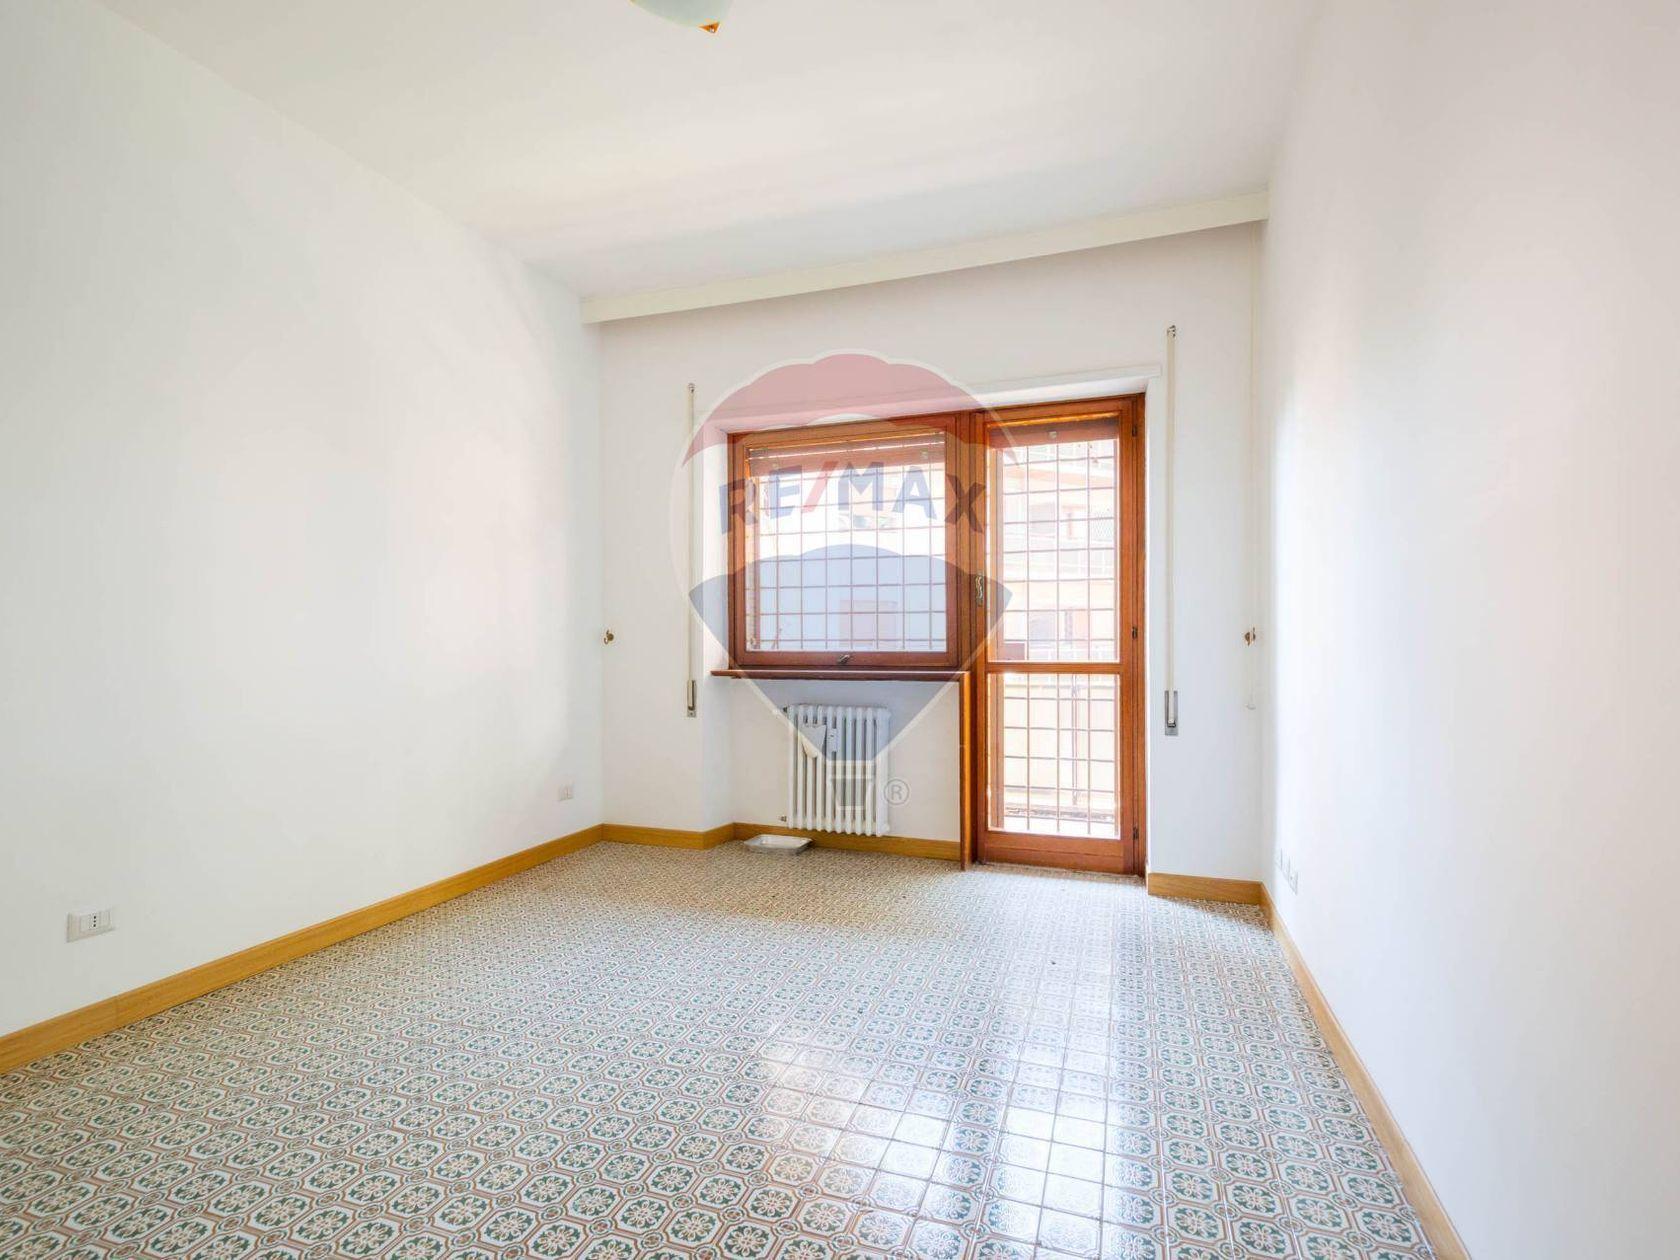 Appartamento Cassia, Roma, RM Vendita - Foto 10